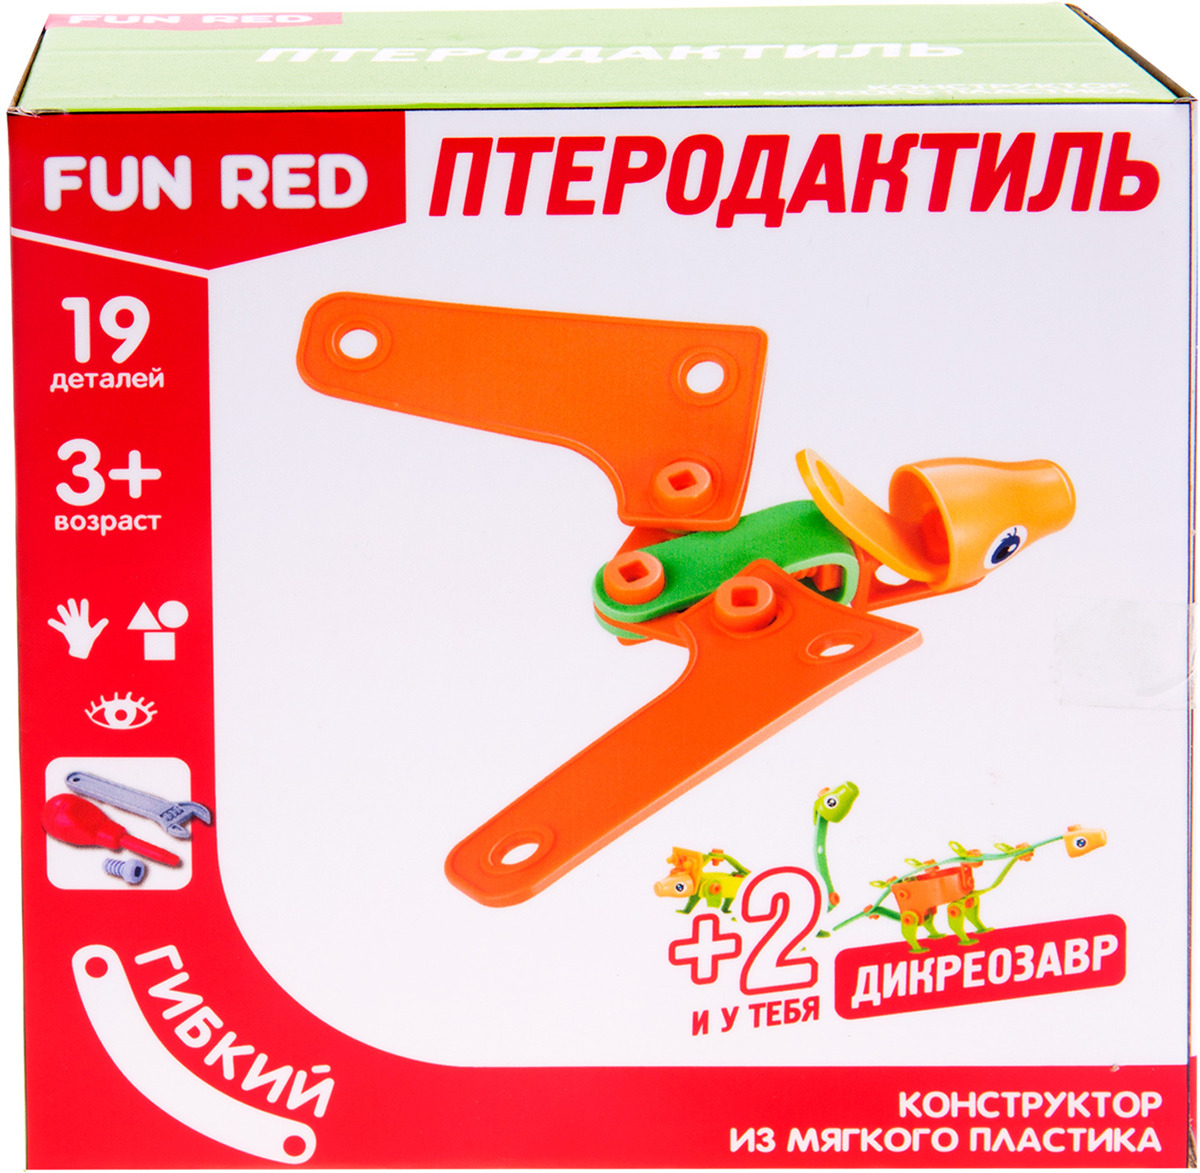 Конструктор Fun Red Птеродактиль, 19 деталей конструктор серии рыцари 220 деталей